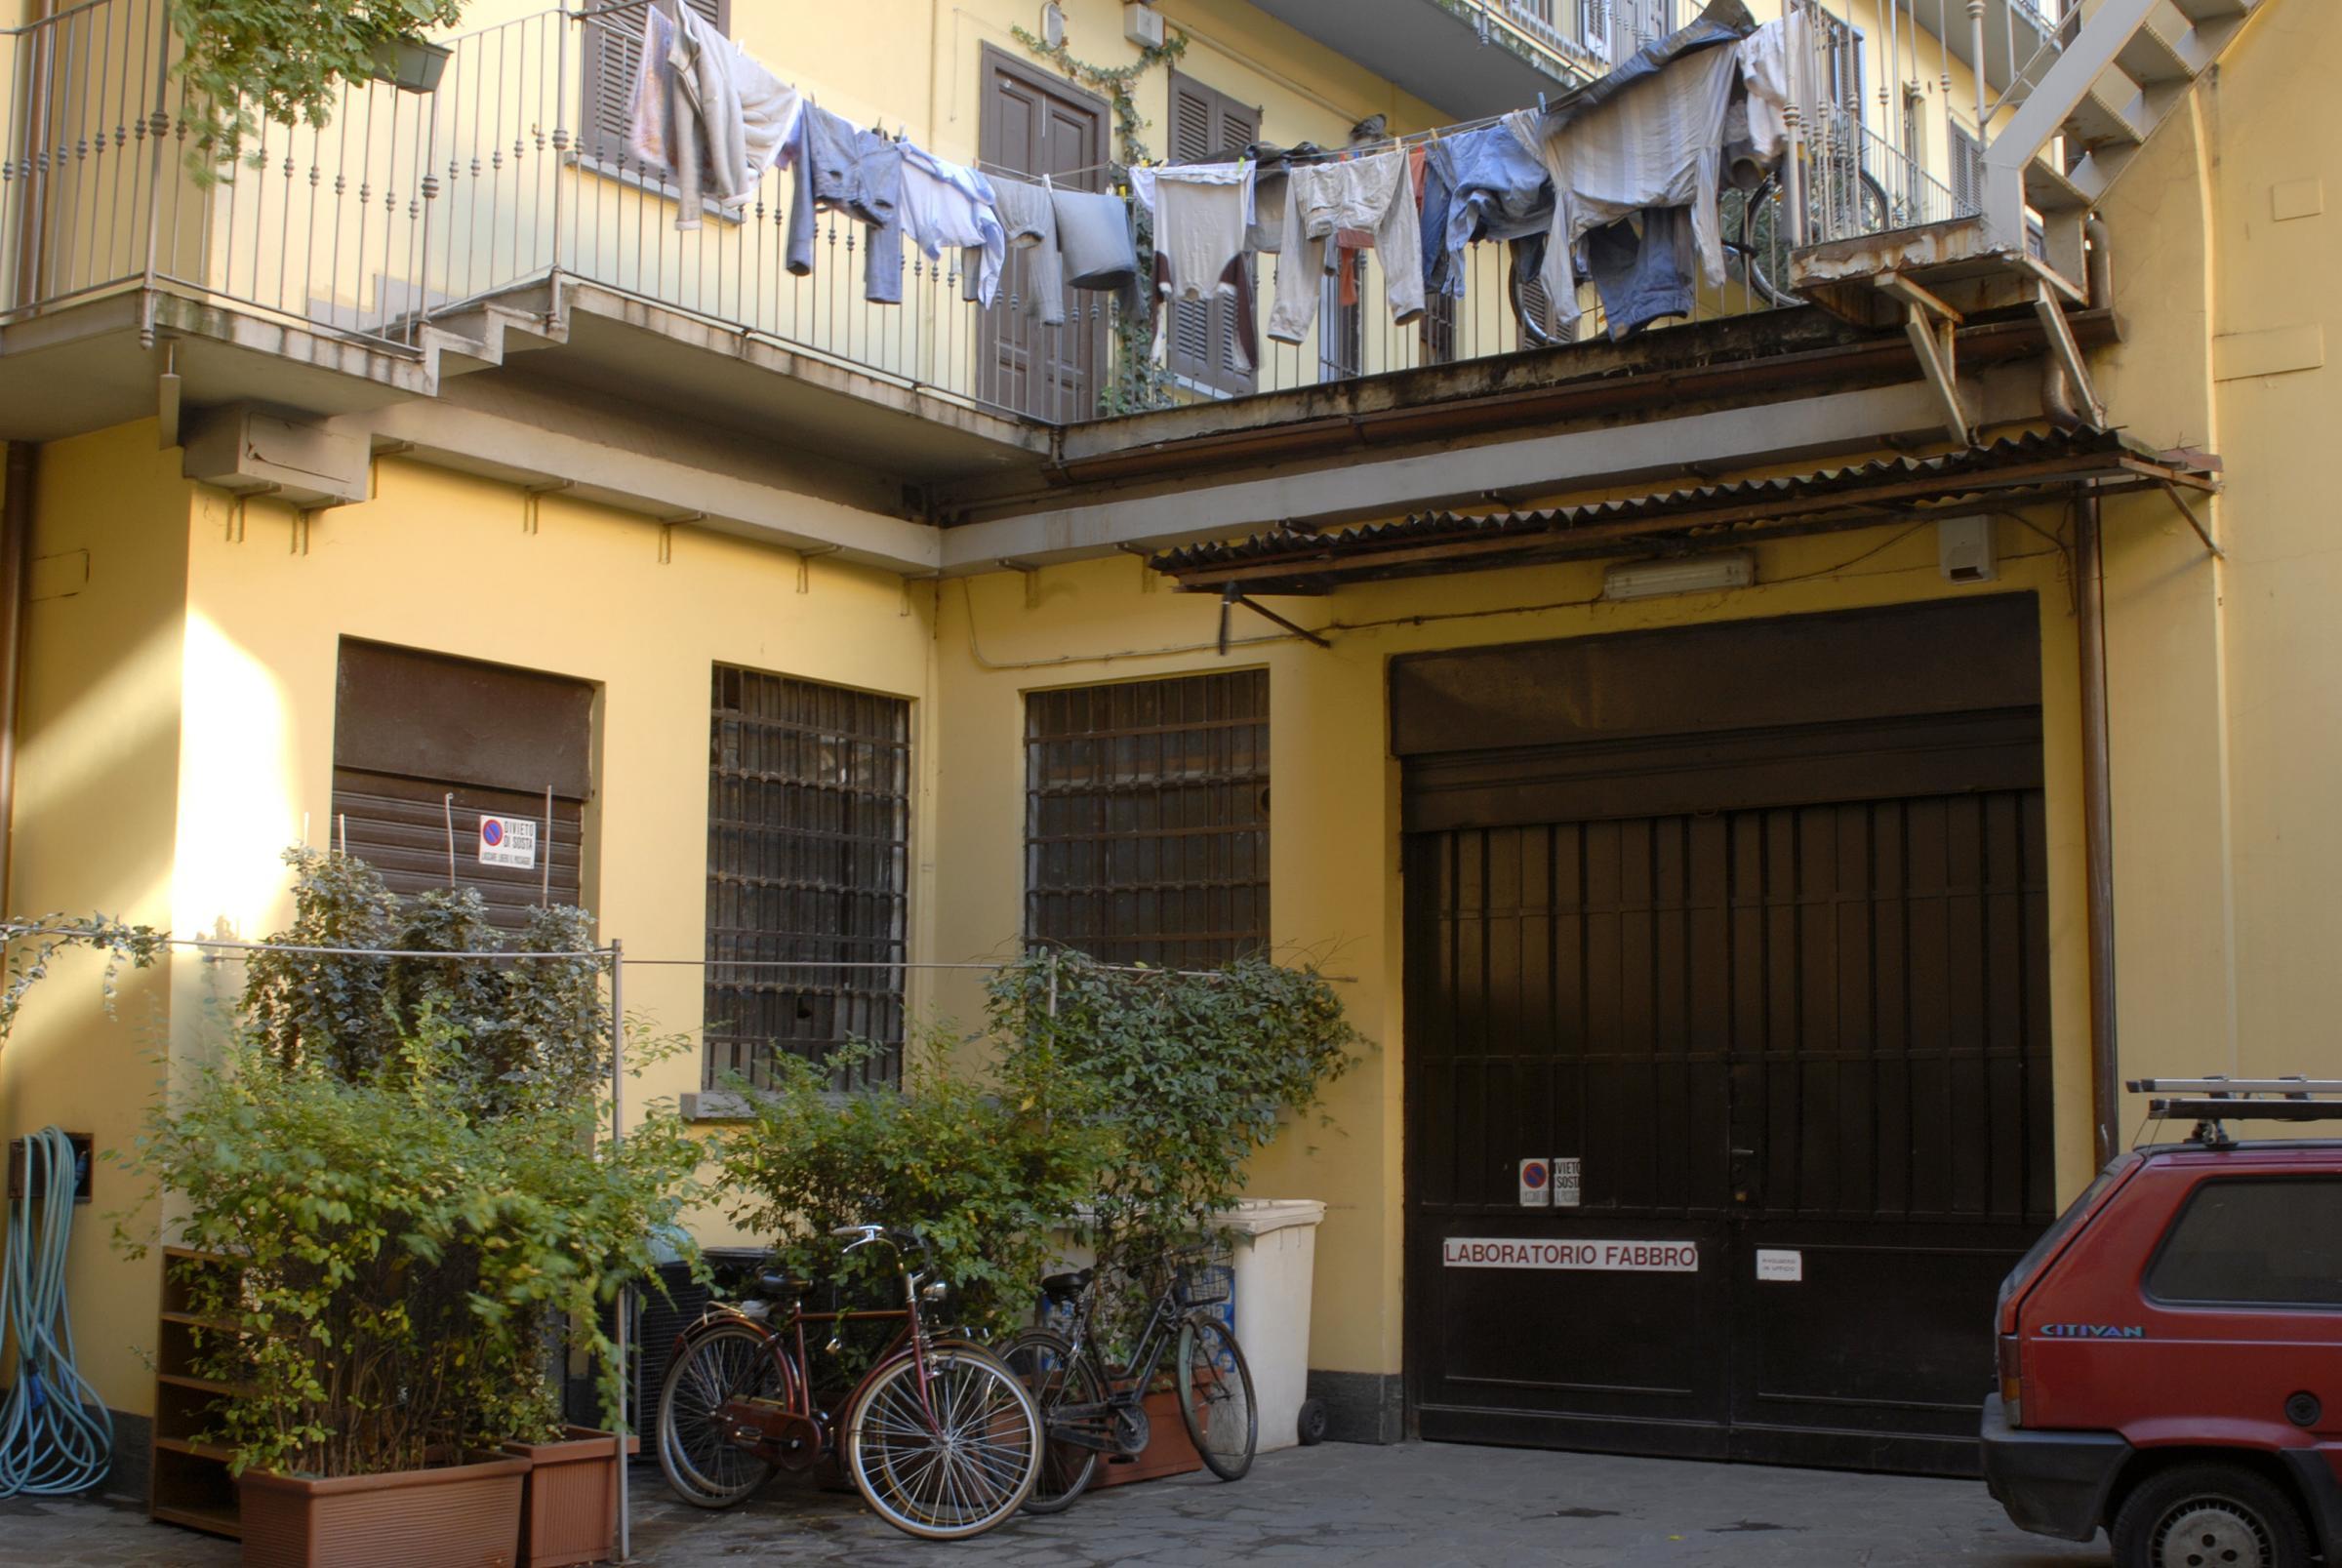 La cassazione i panni stesi in condominio s ma bisogna - Impignorabilita prima casa cassazione ...